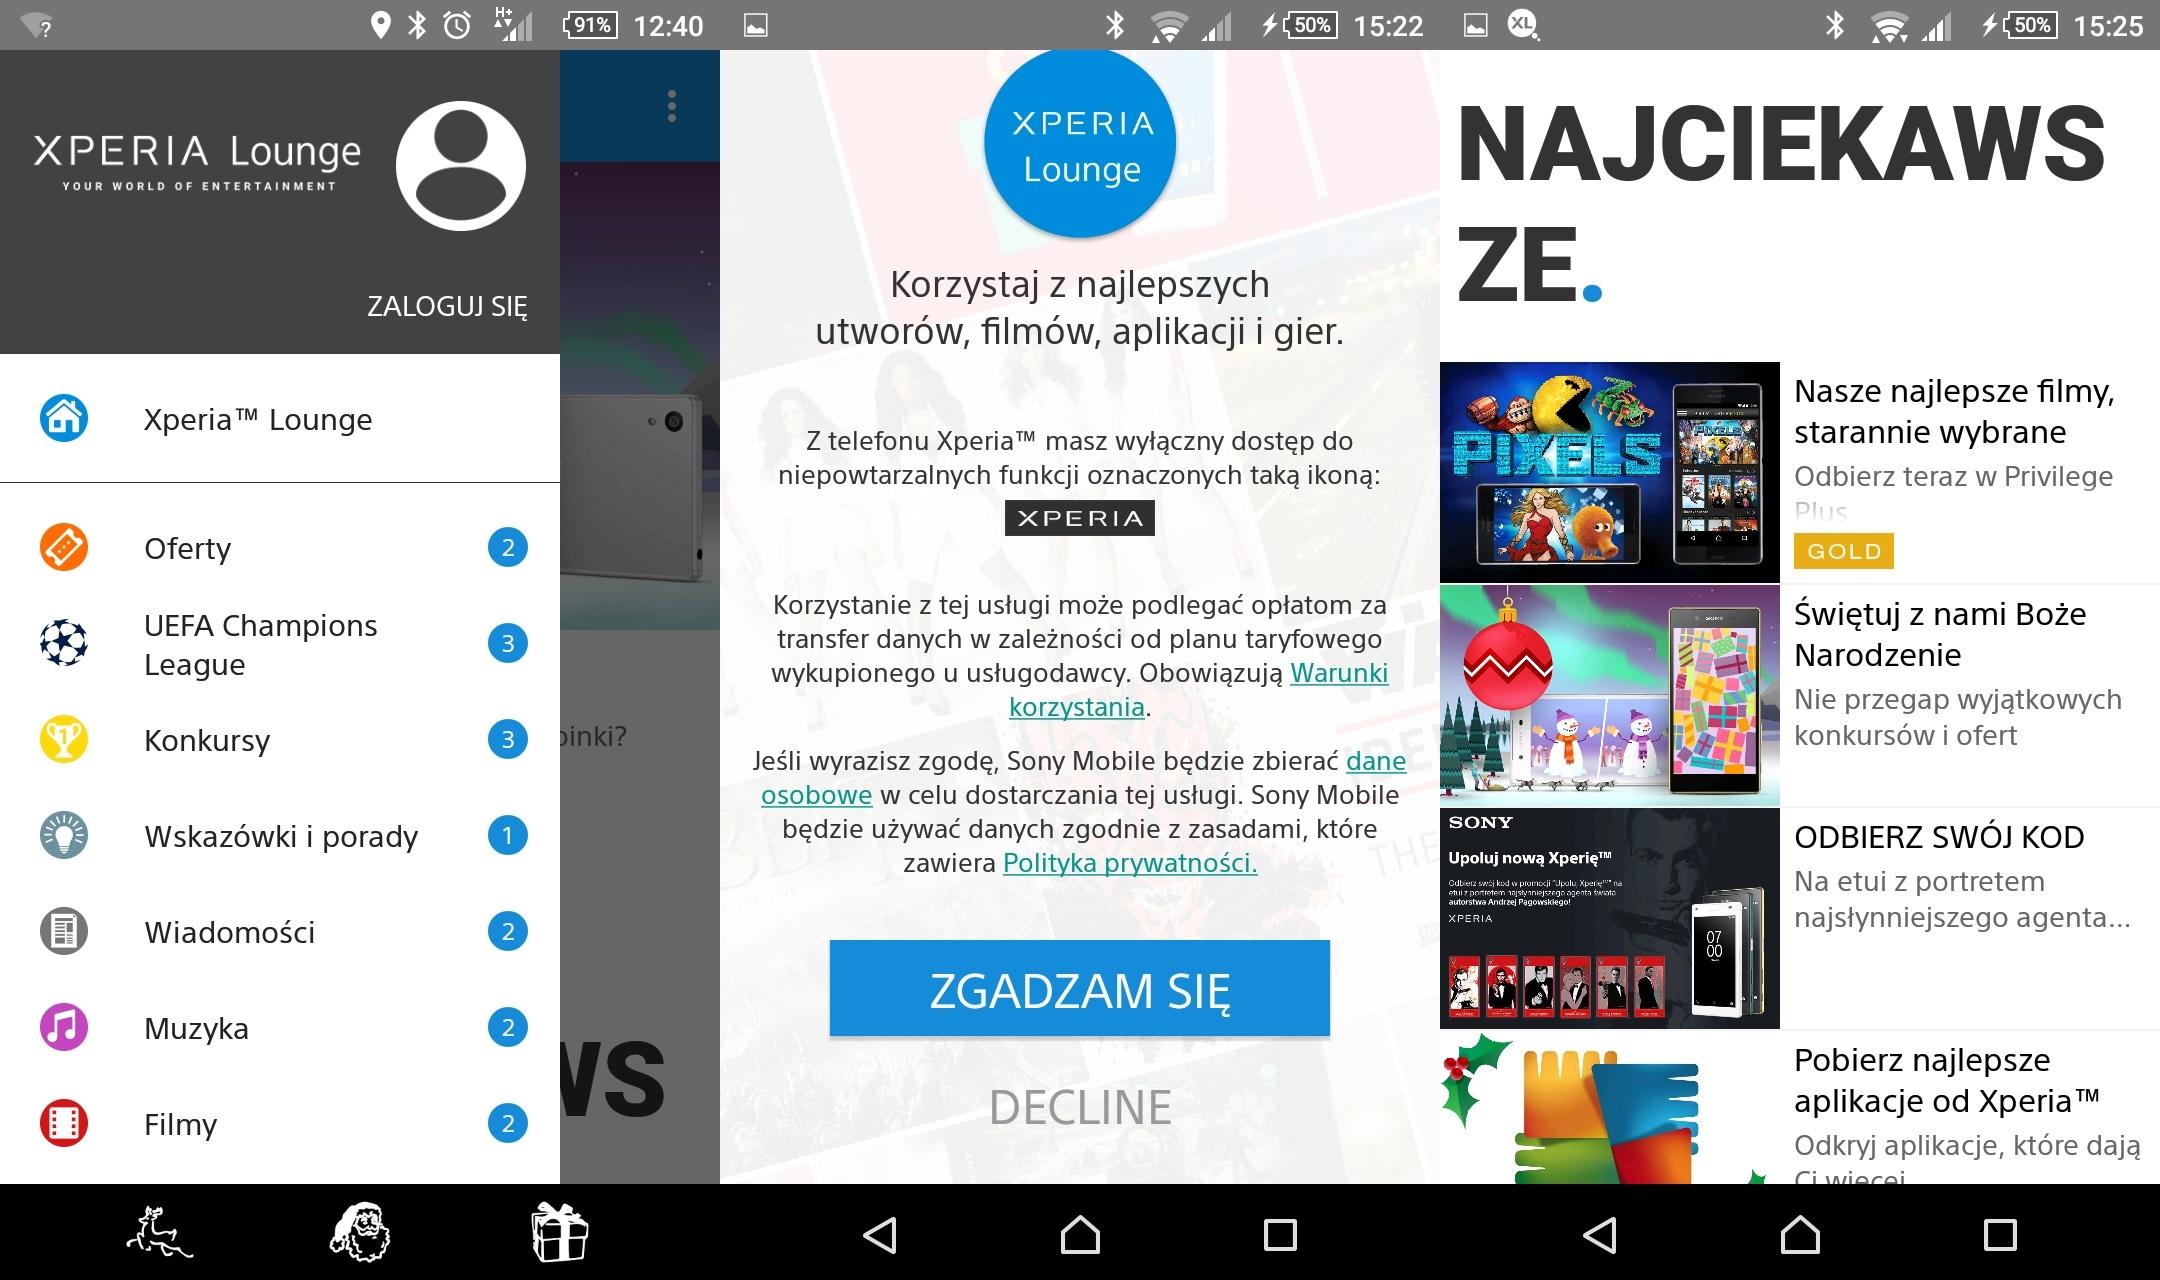 Recenzja Sony Xperii Z5 Compact i aplikacja Xperia Lounge - 90sekund.pl